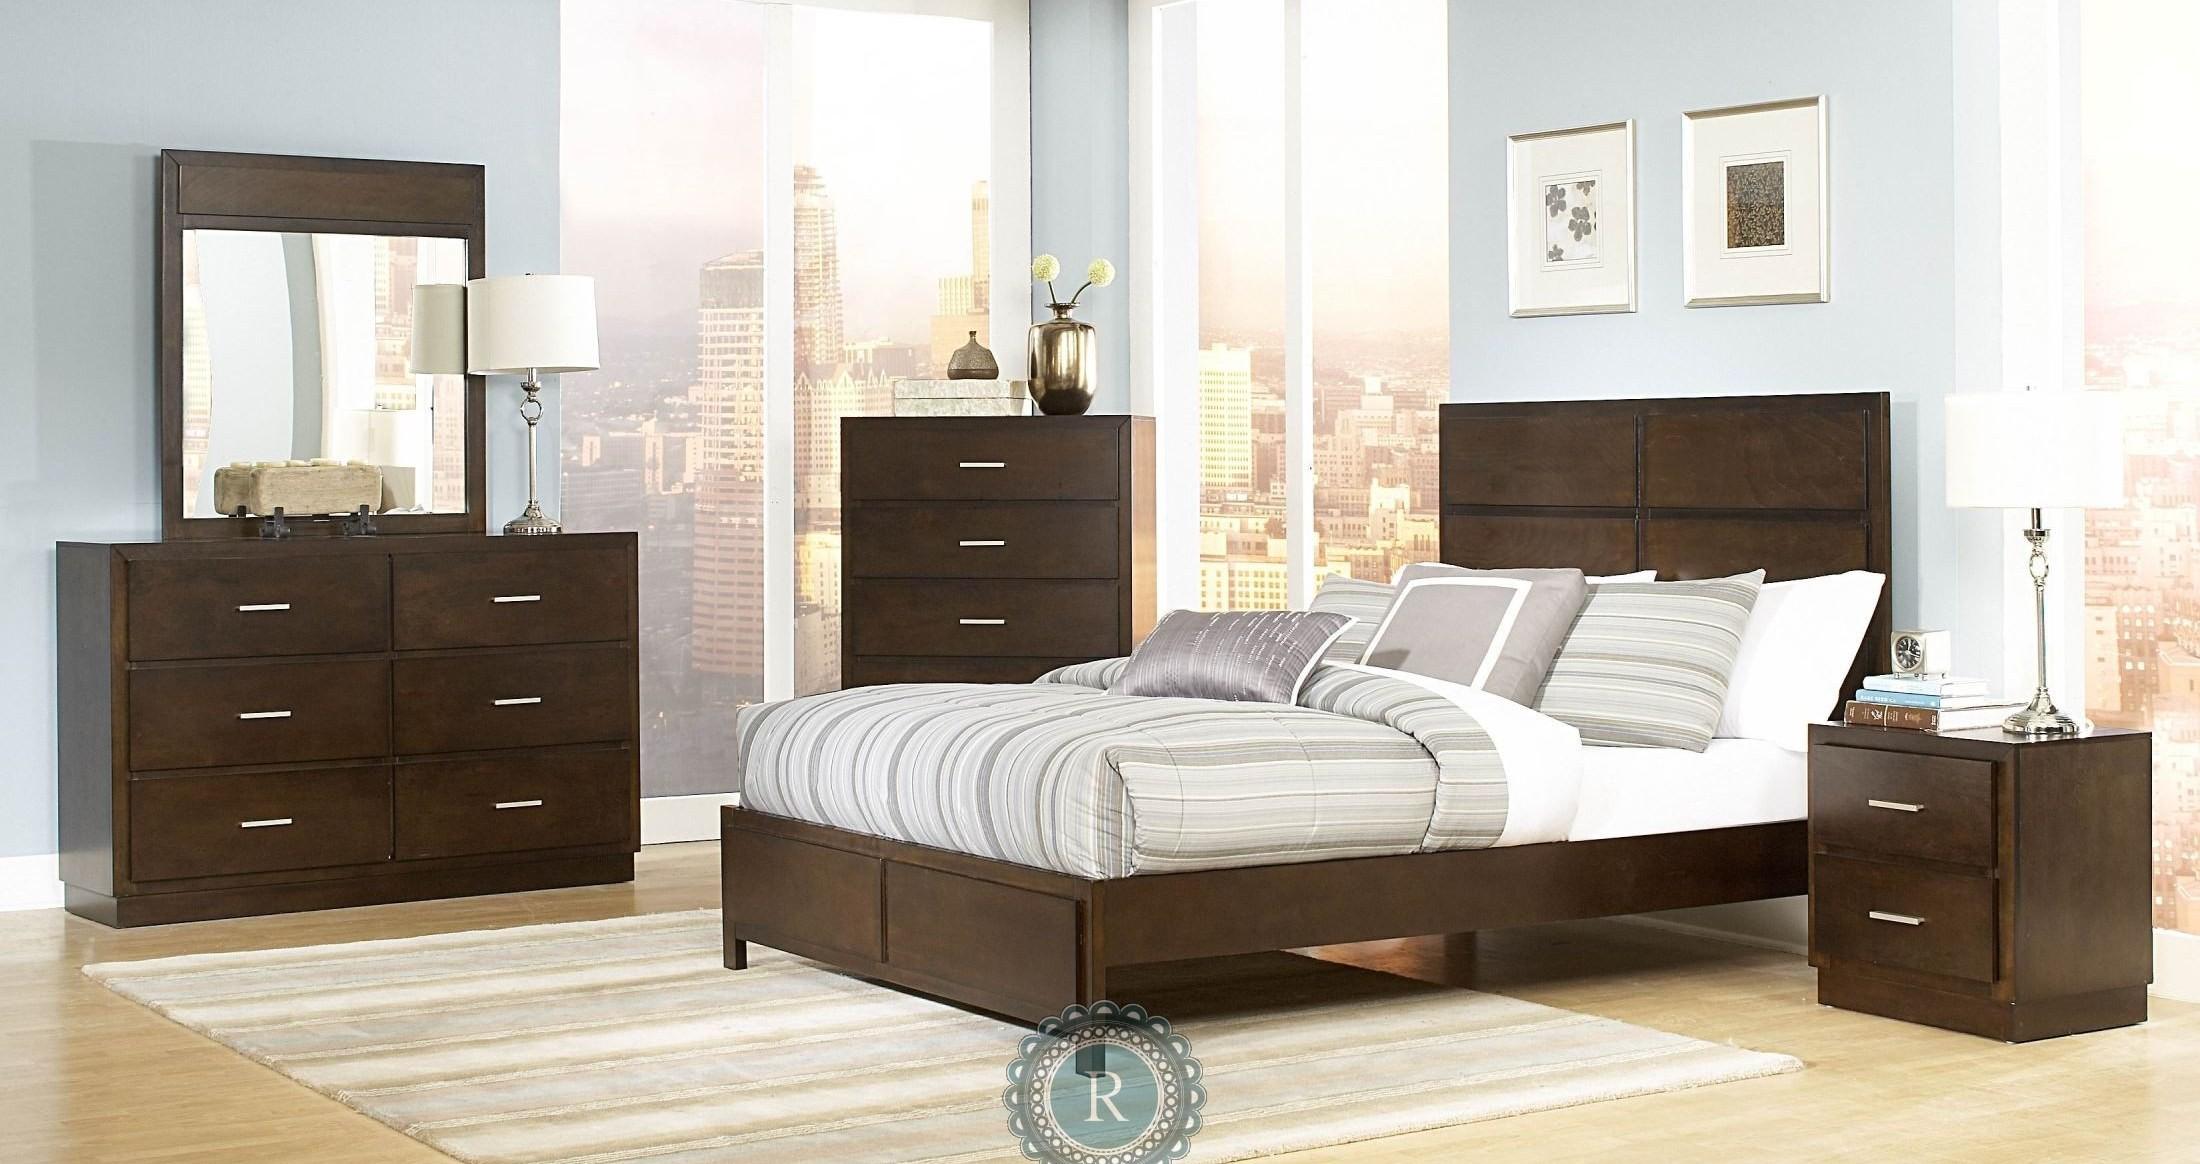 vernada panel bedroom set from homelegance 1735 1. Black Bedroom Furniture Sets. Home Design Ideas